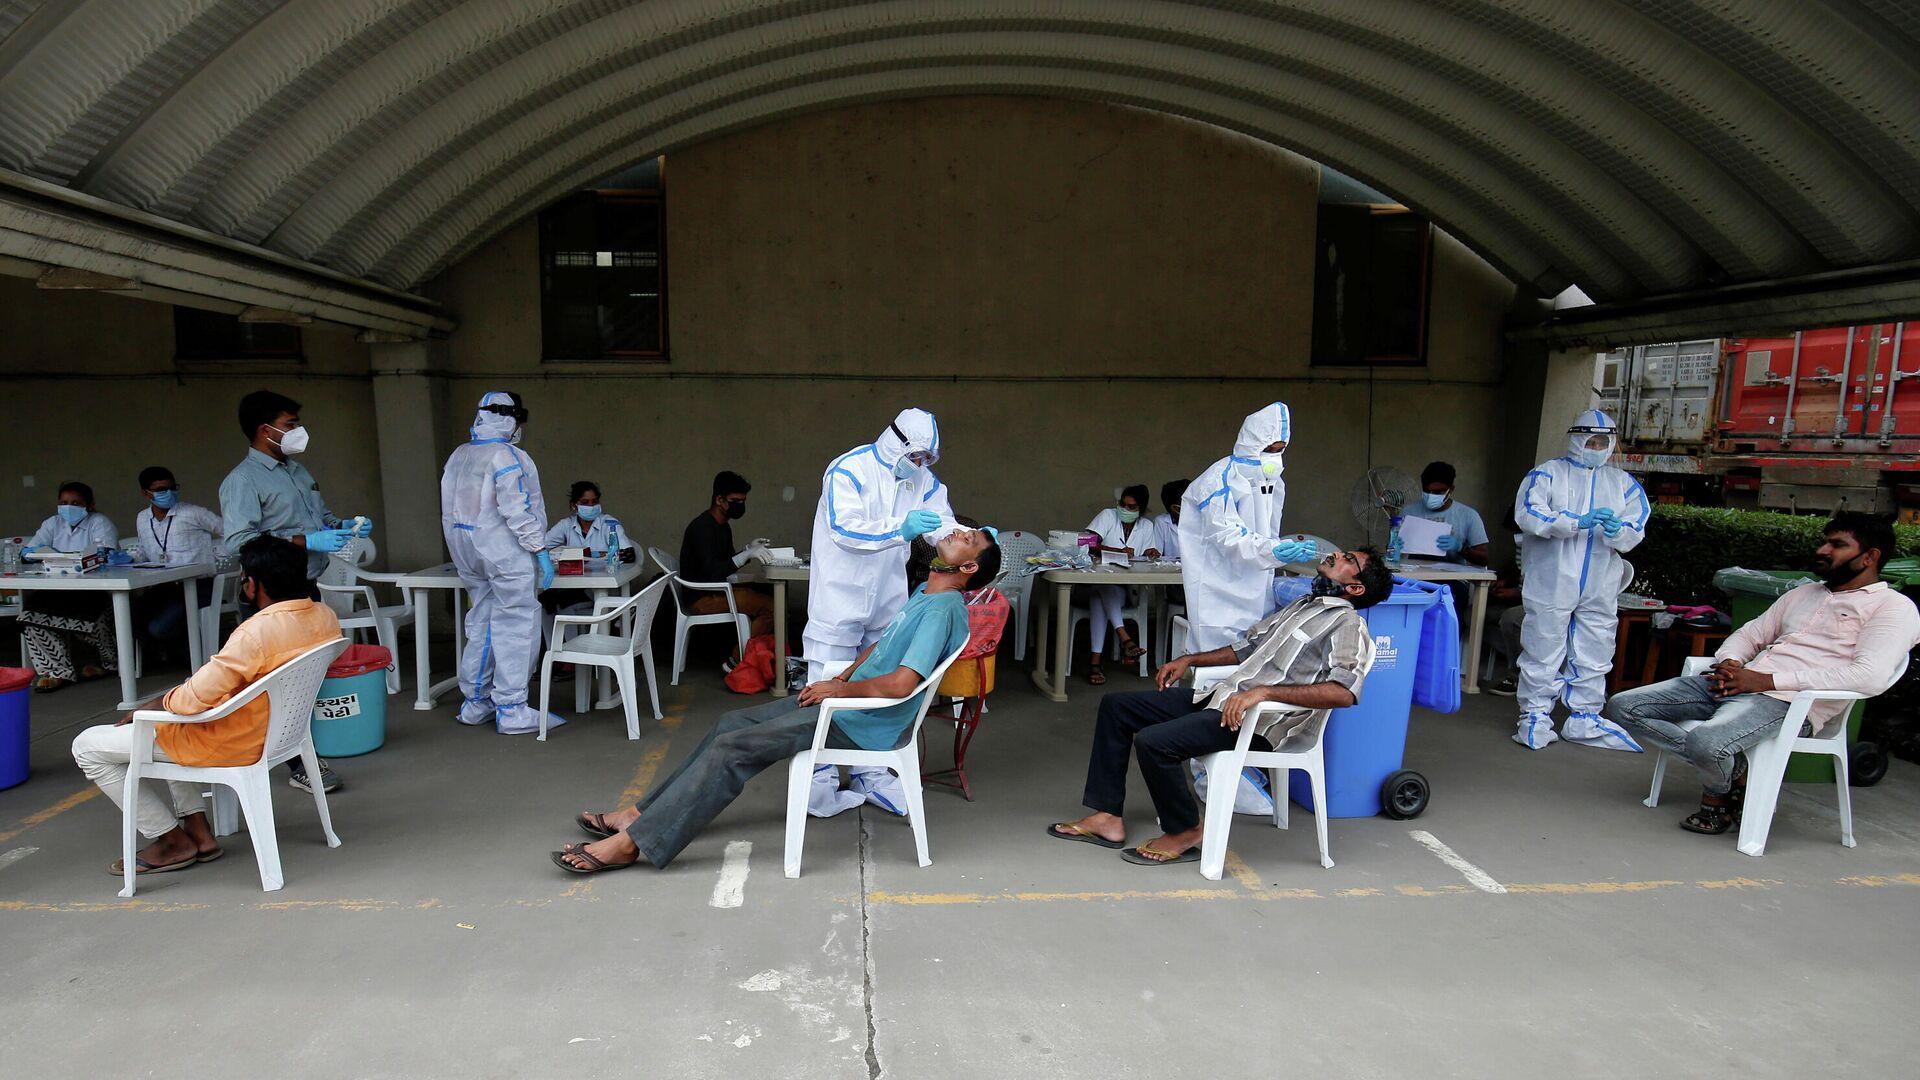 Медицинские работники берут мазки у рабочих мукомольного завода во время вспышки коронавирусной инфекции на окраине Ахмадабада, Индия - РИА Новости, 1920, 16.09.2020